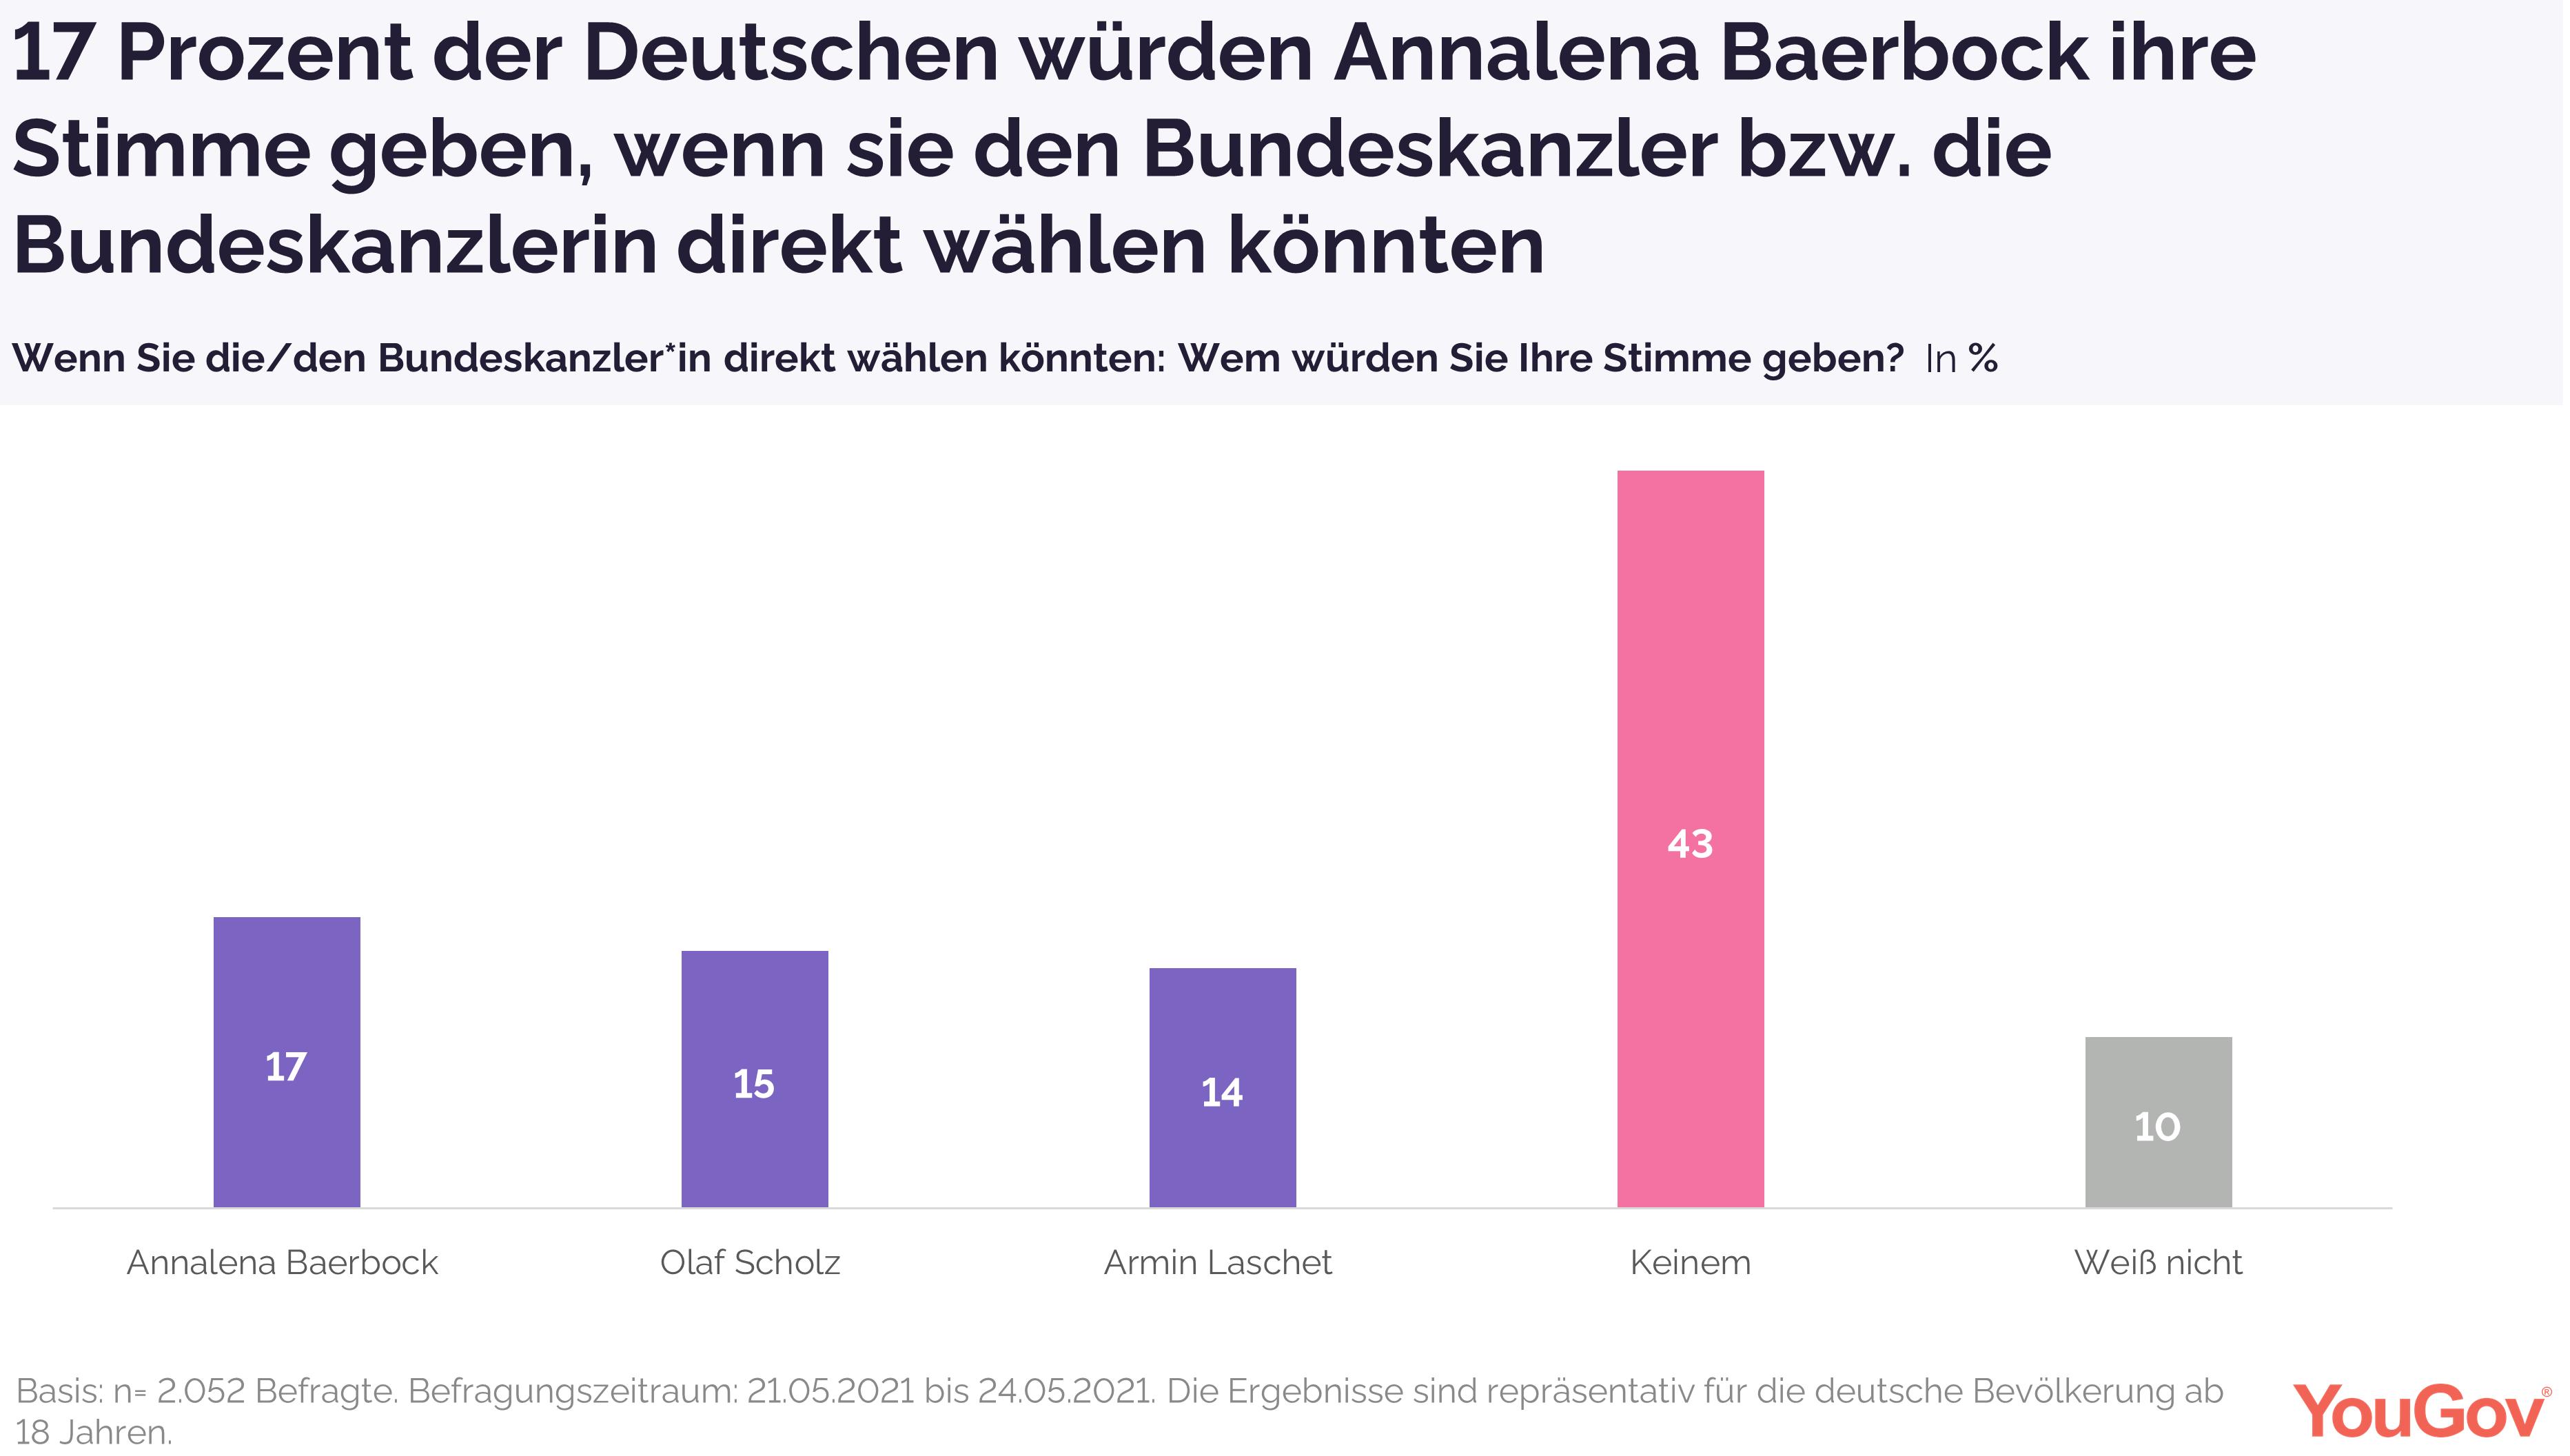 17 Prozent würden Baerbock direkt zur Kanzerin wählen